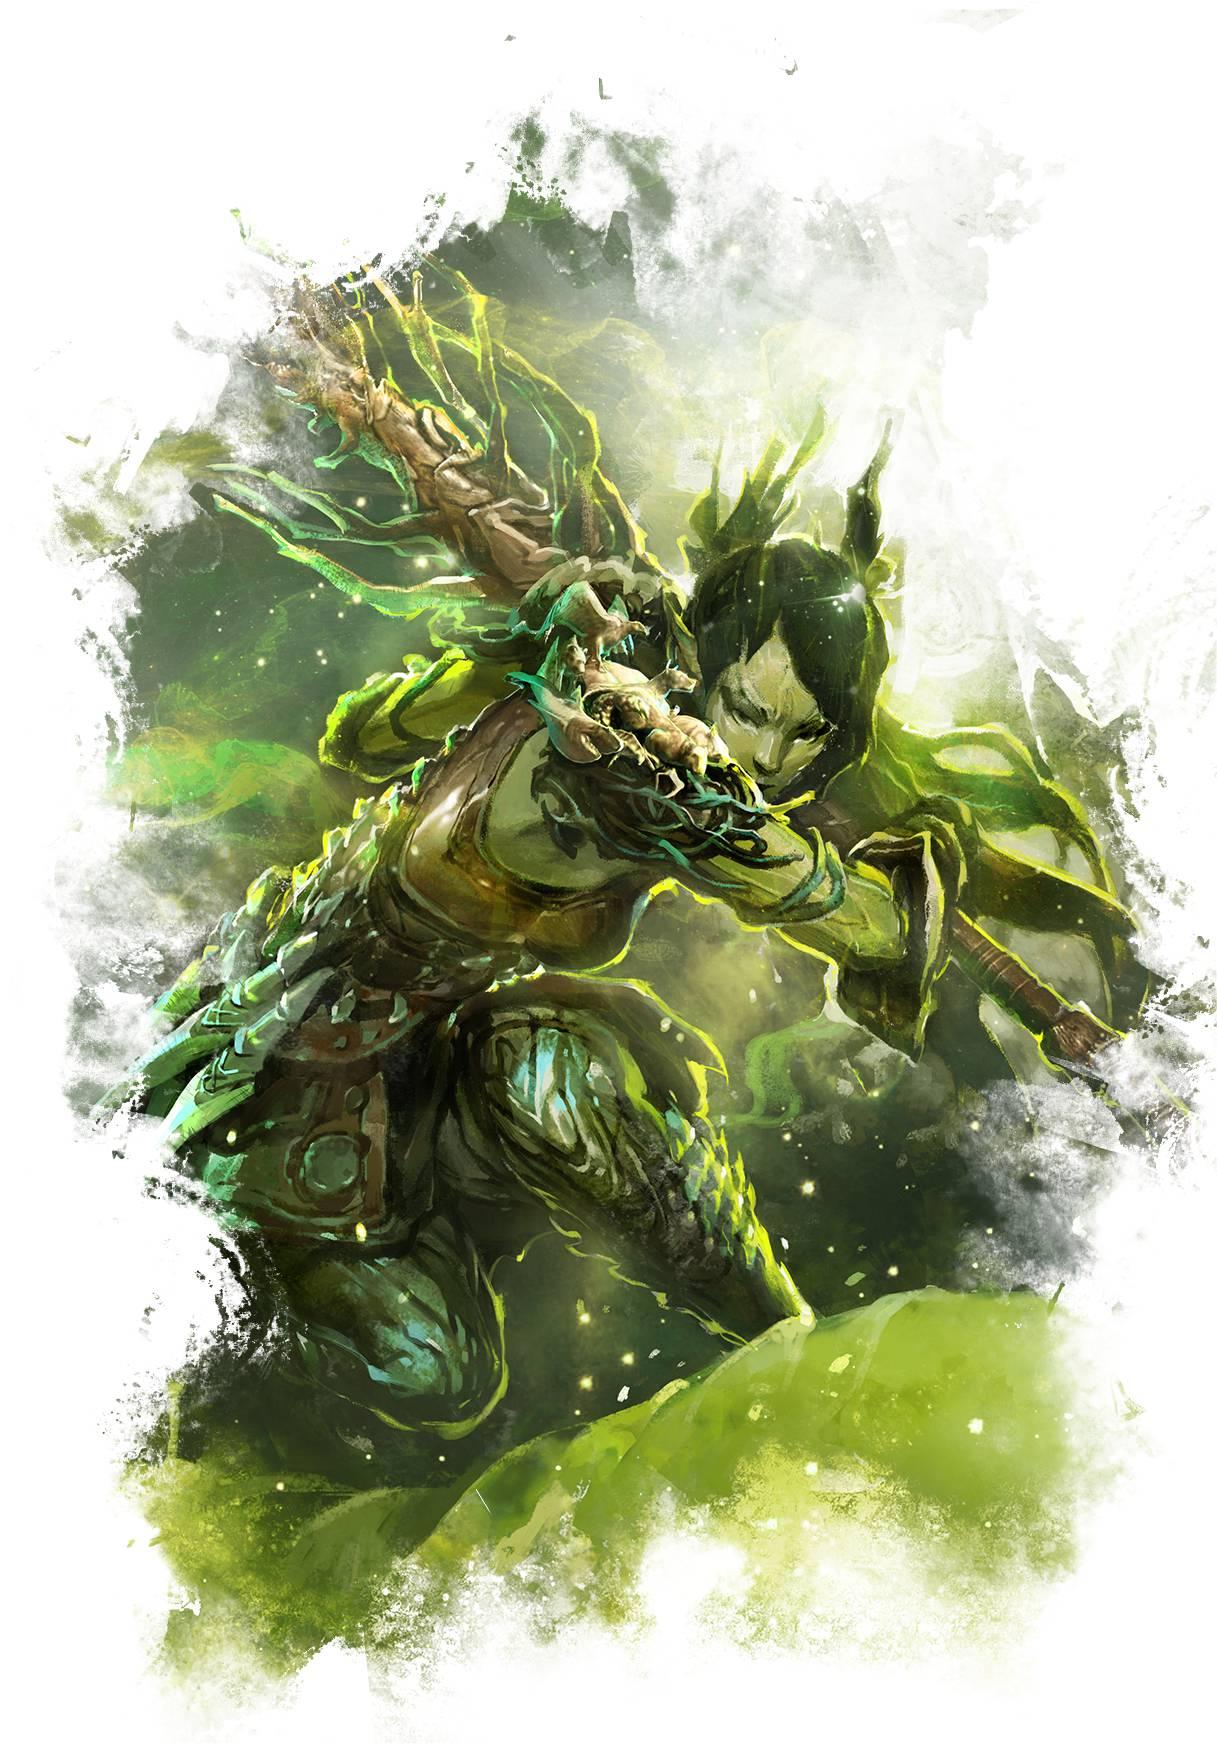 leak gw2 x2 elementalist elite specialization guildwars2